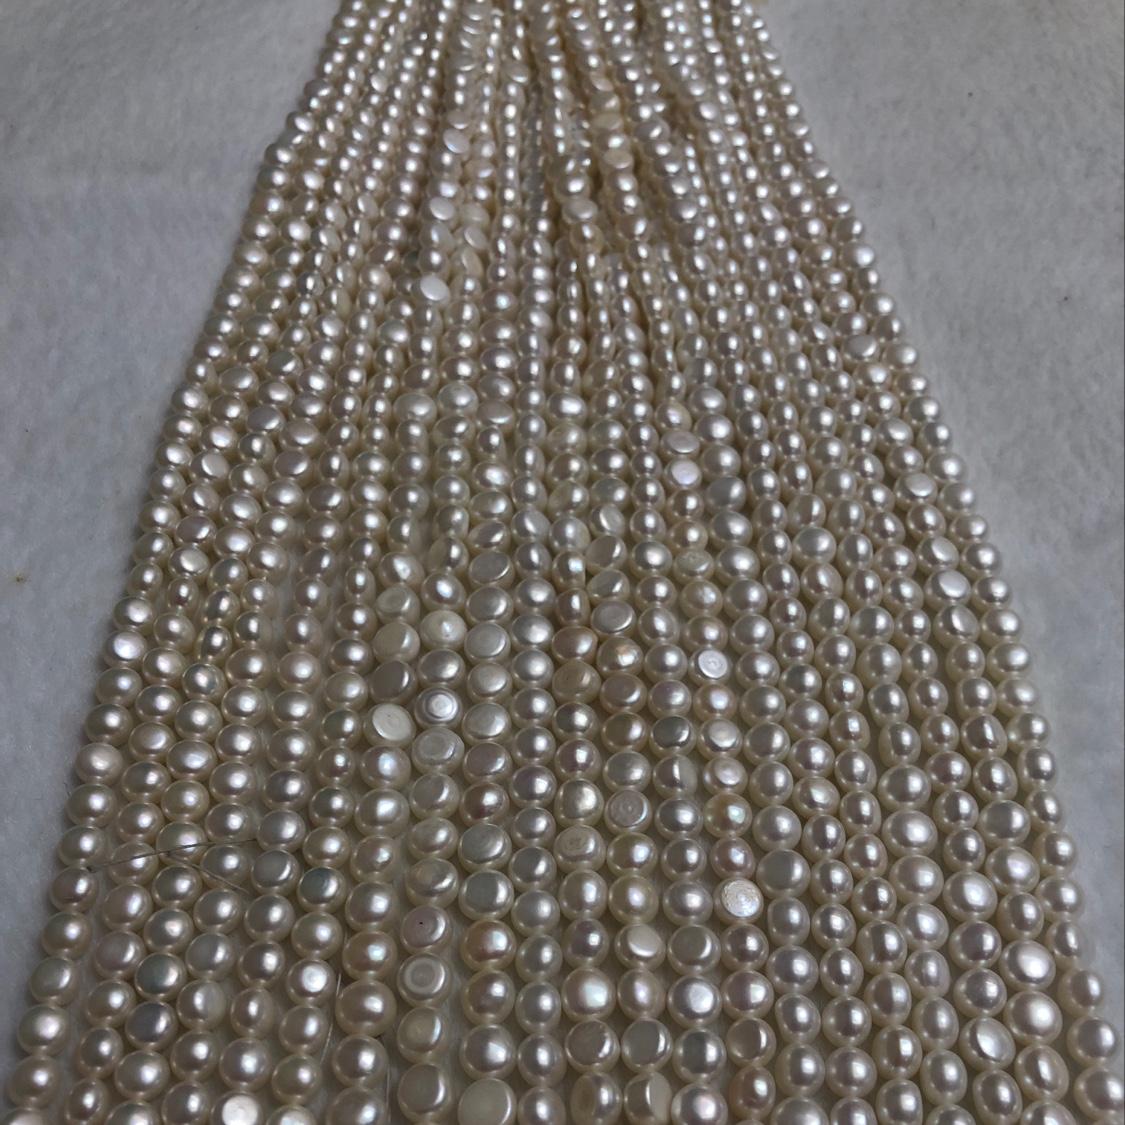 6一7天然淡水珍珠,无瑕透亮襾面光